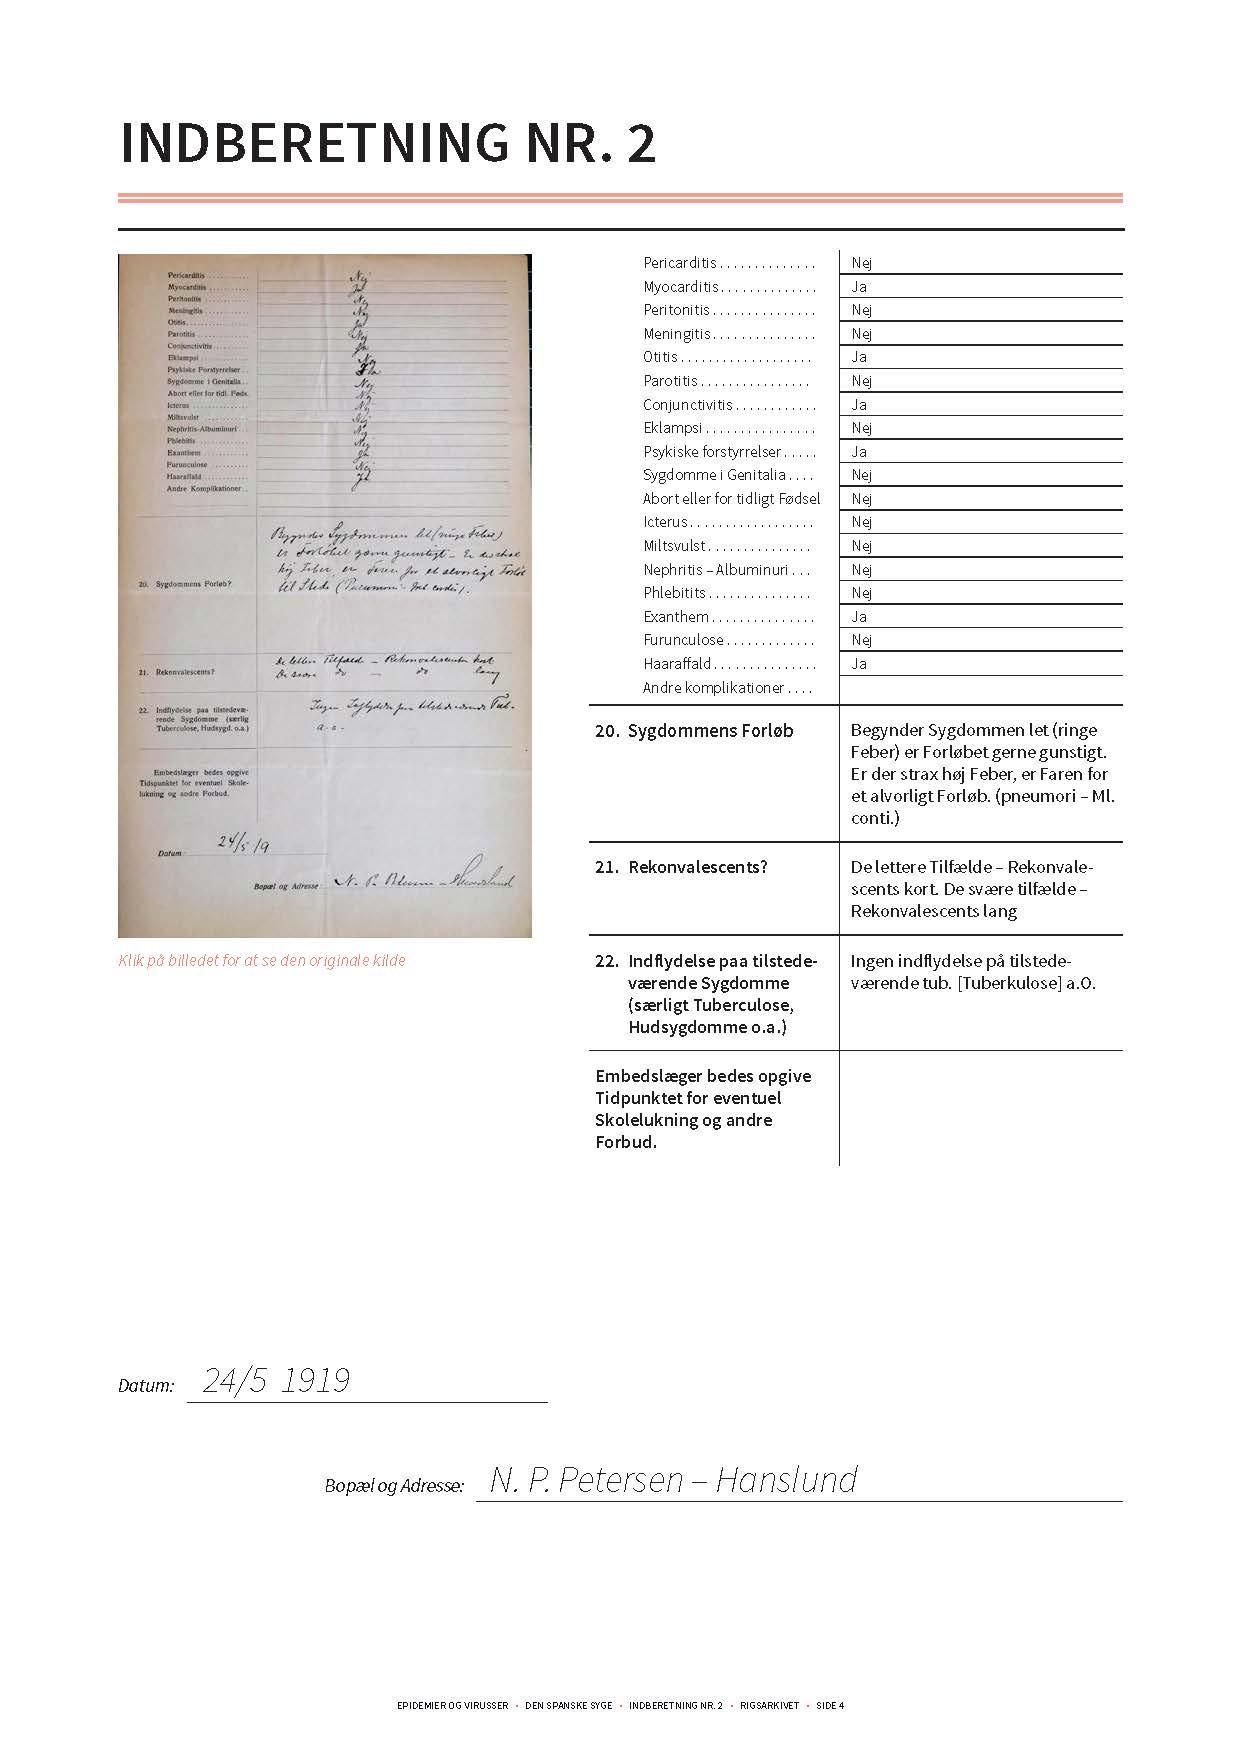 Gengivelse af original indberetning om den spanske syge side 3 og transskription heraf.